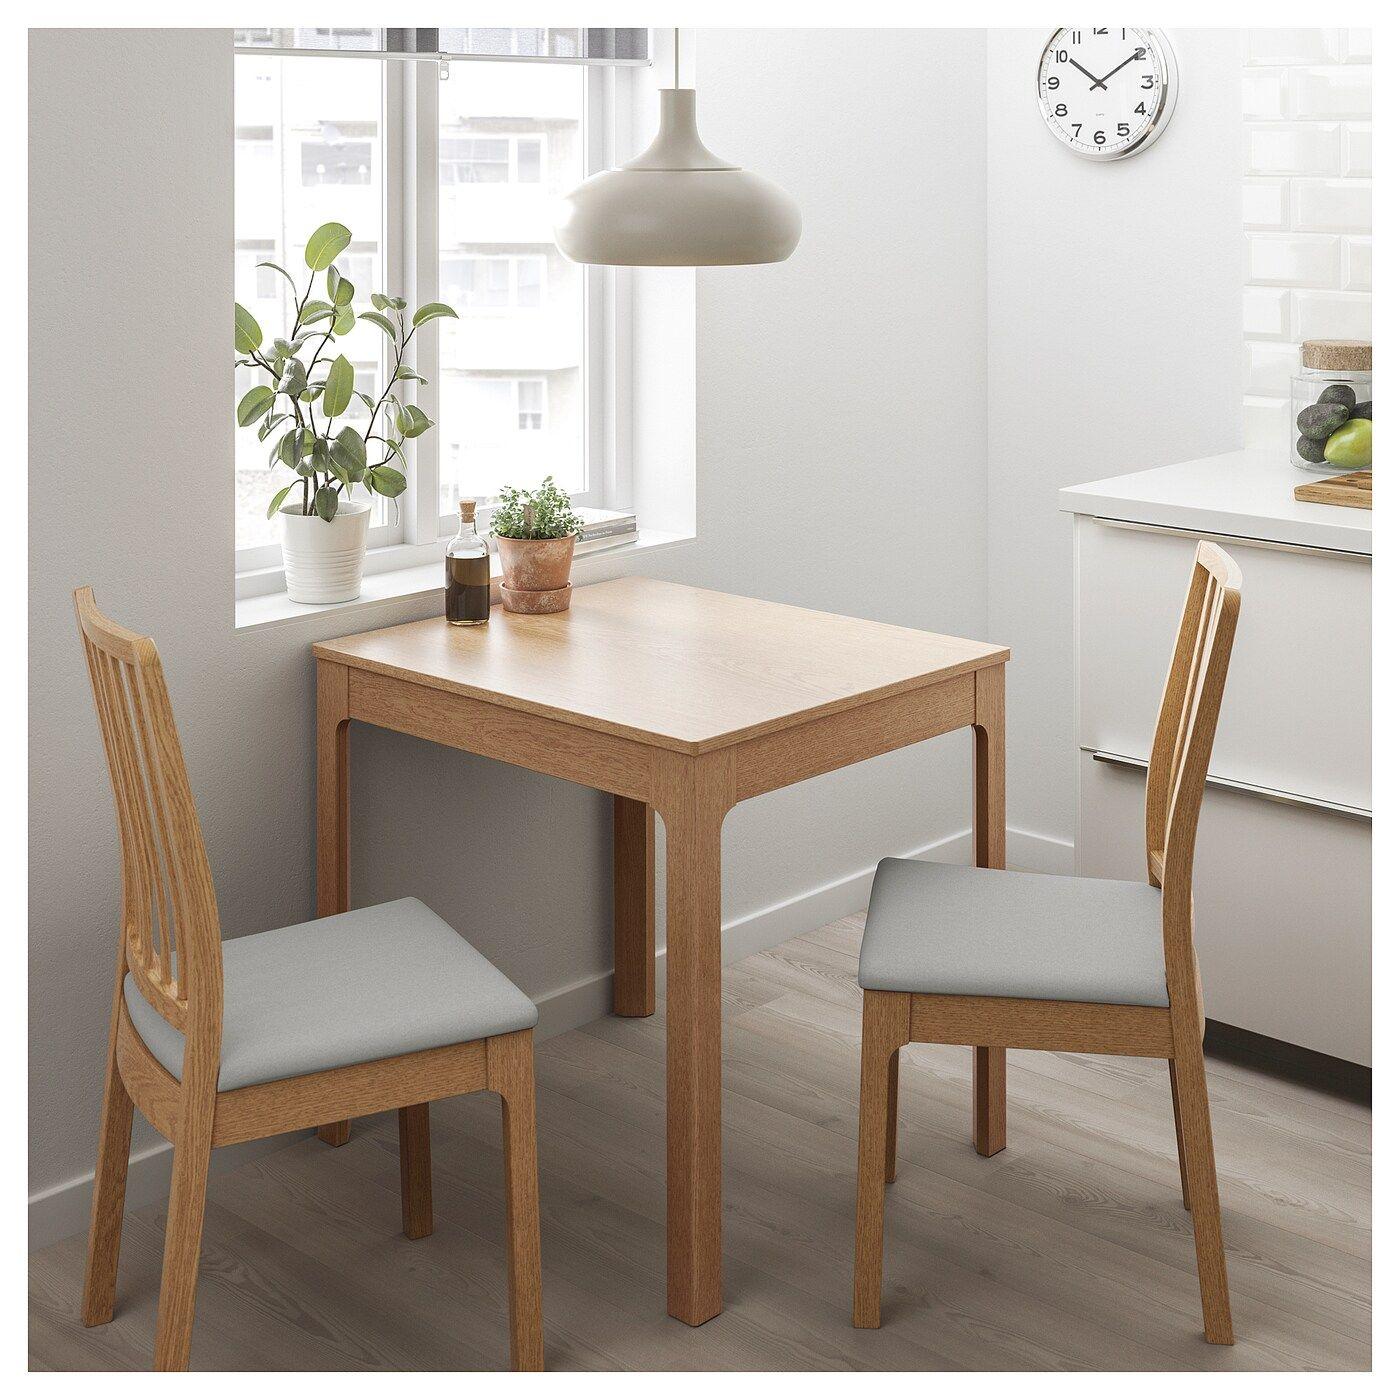 Ekedalen Tisch Und 2 Stuhle Eiche Orrsta Hellgrau In 2020